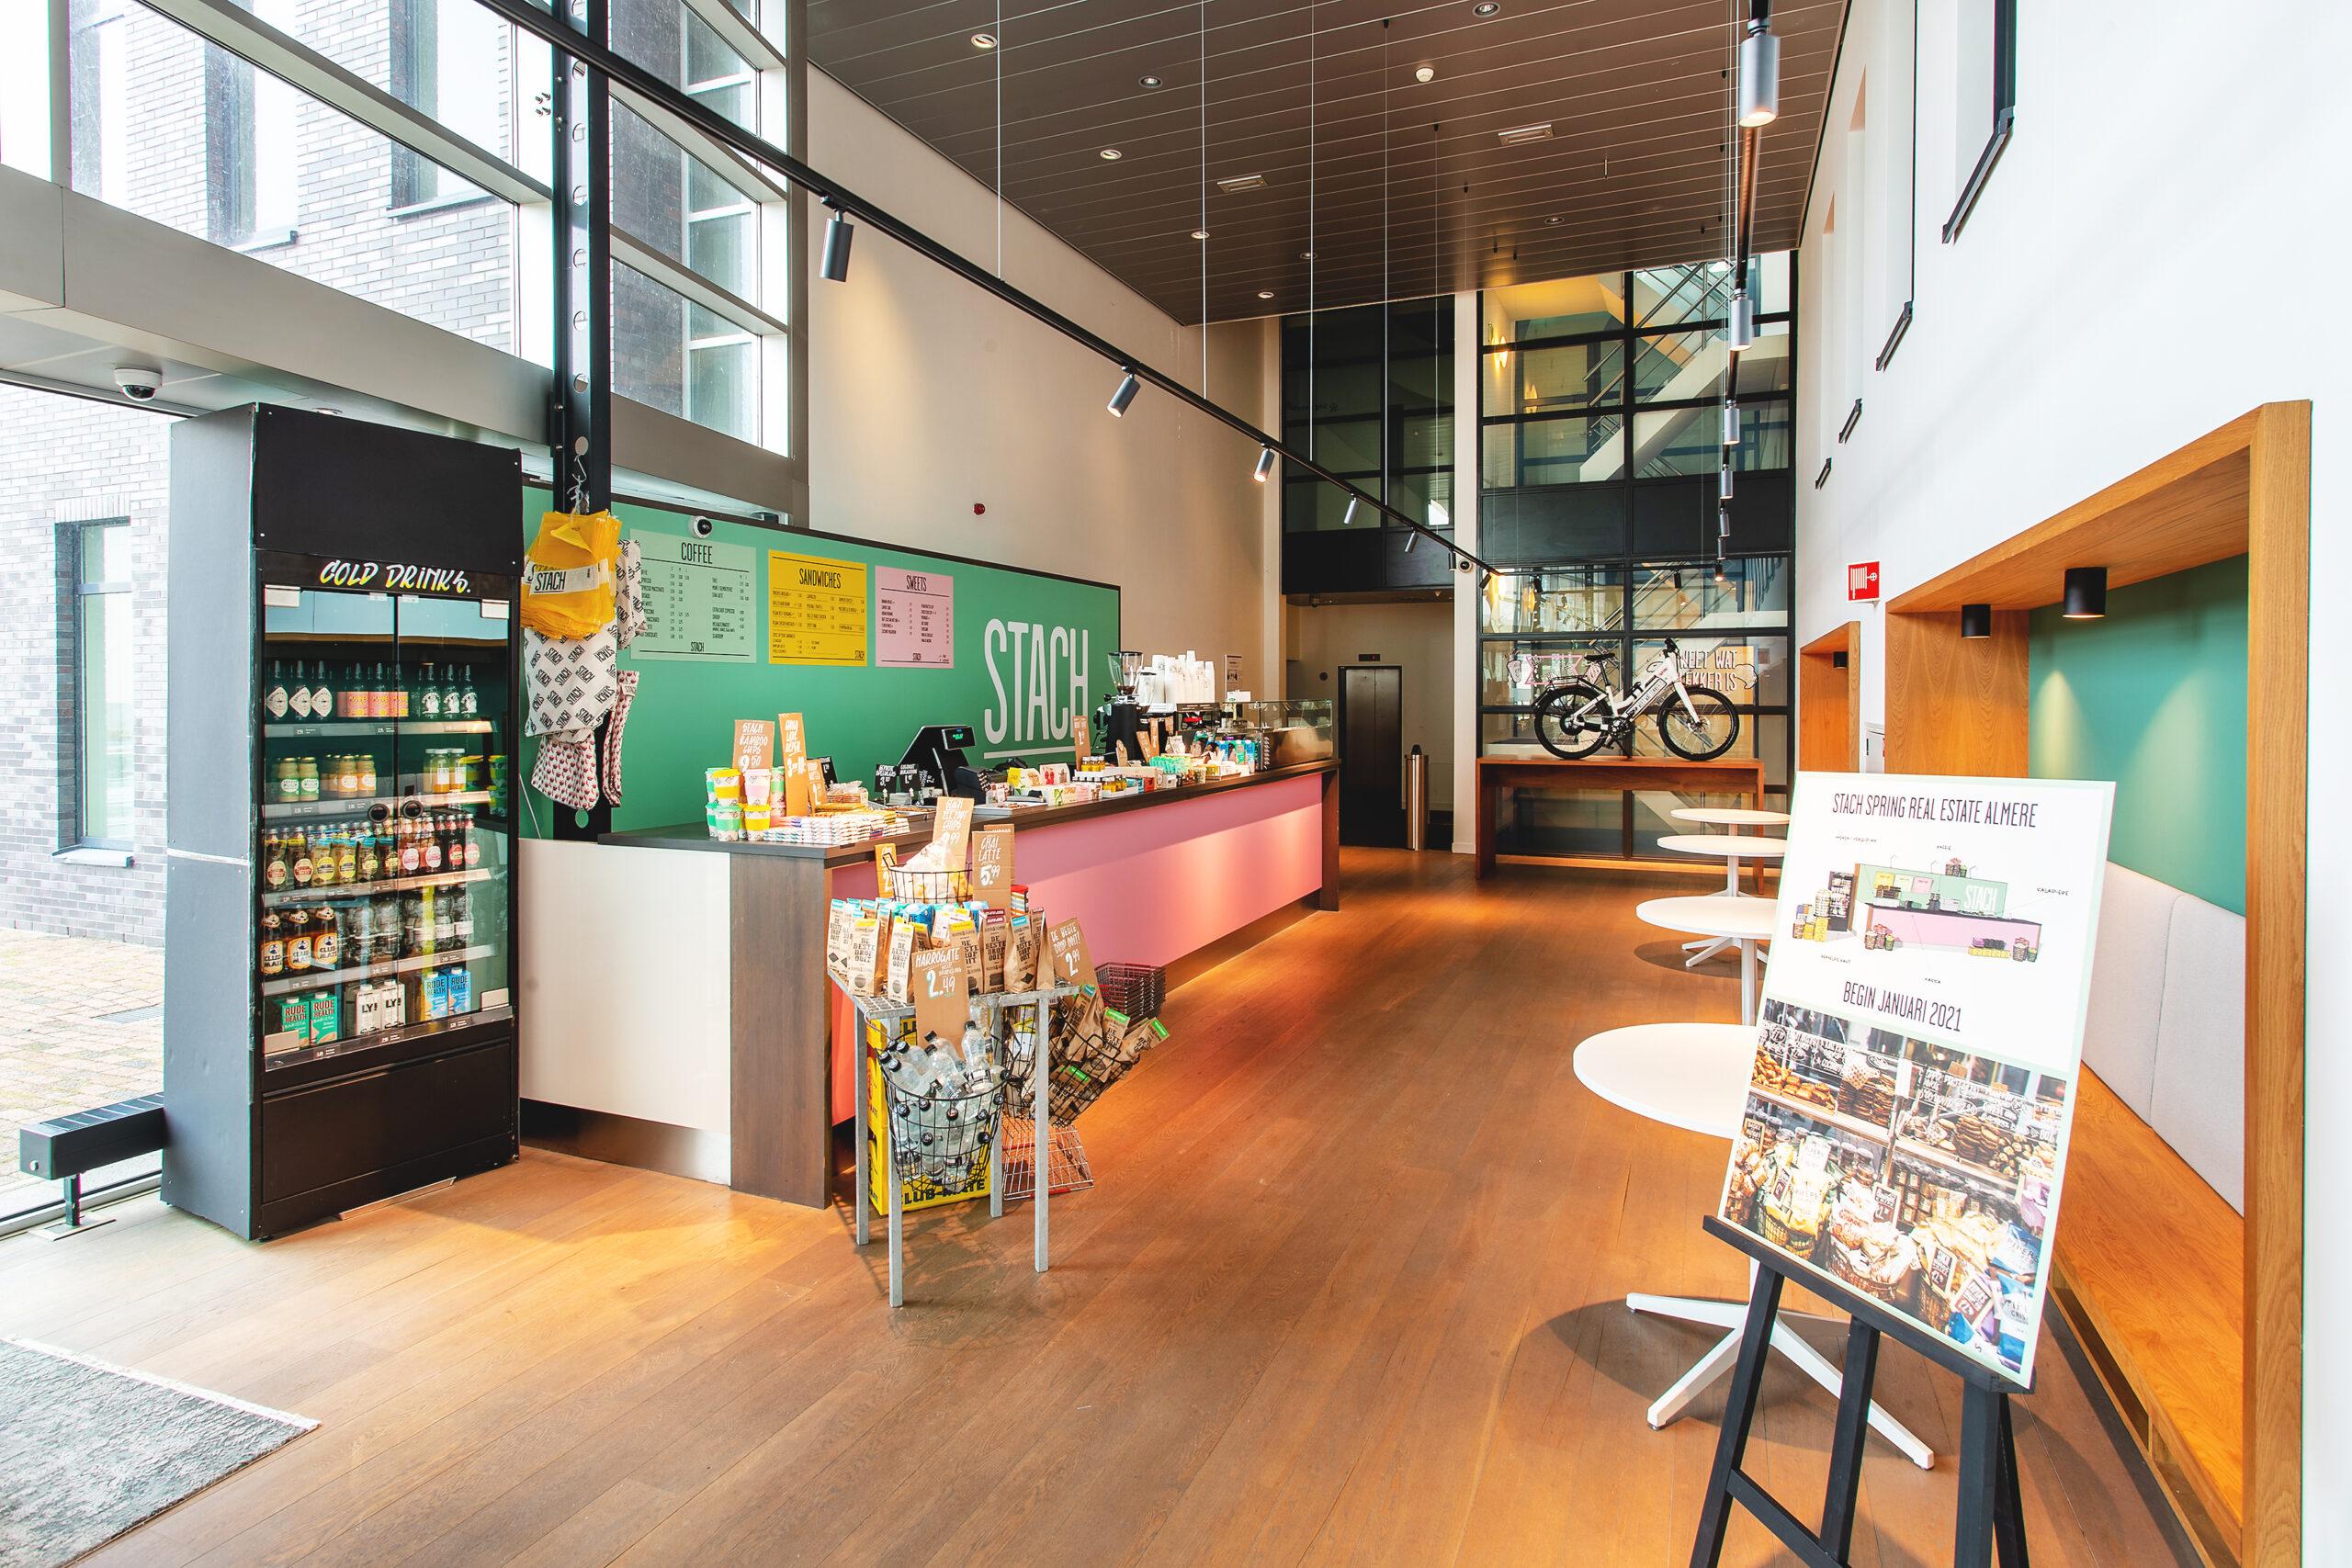 STACH opent haar deuren in de Eurotoren in Almere